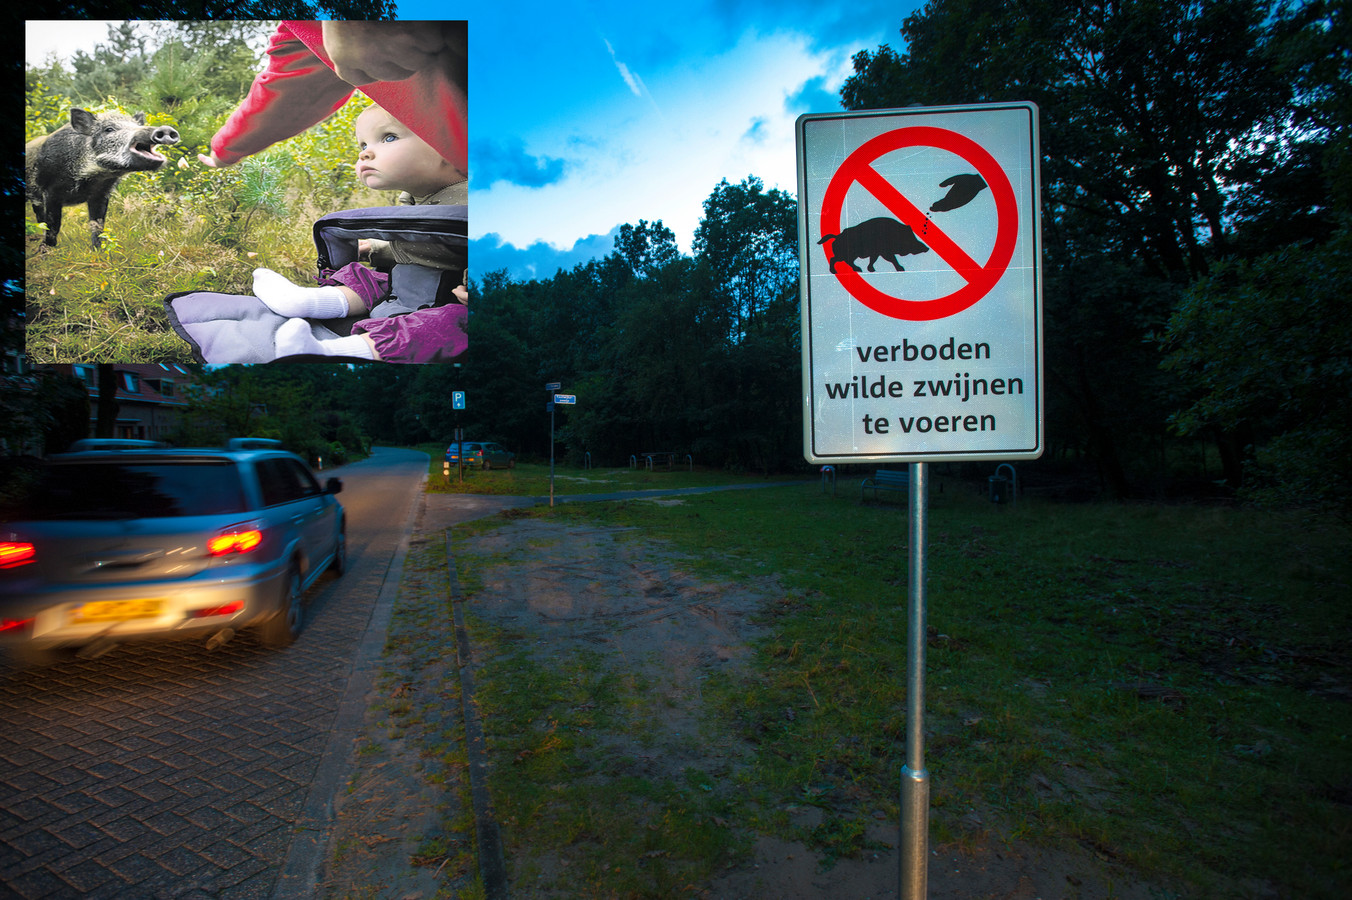 Verboden zwijnen te voeren! Een bord bij Radio Kootwijk is duidelijk. Inzet: de aanwezigheid van een kind is geen beletsel voor het voeren van een wild zwijn (archieffoto).